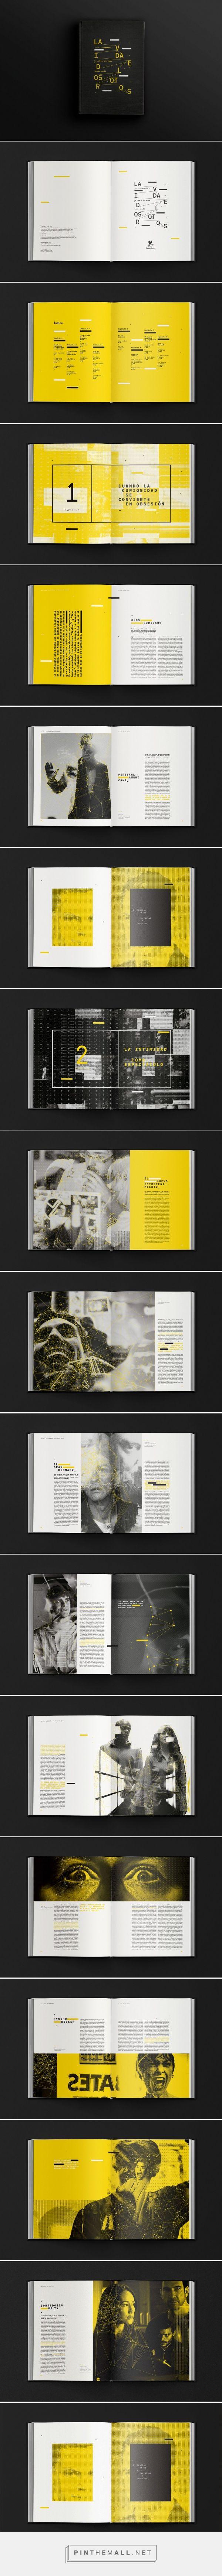 La vida de los otros on Behance... - a grouped images picture - Pin Them All